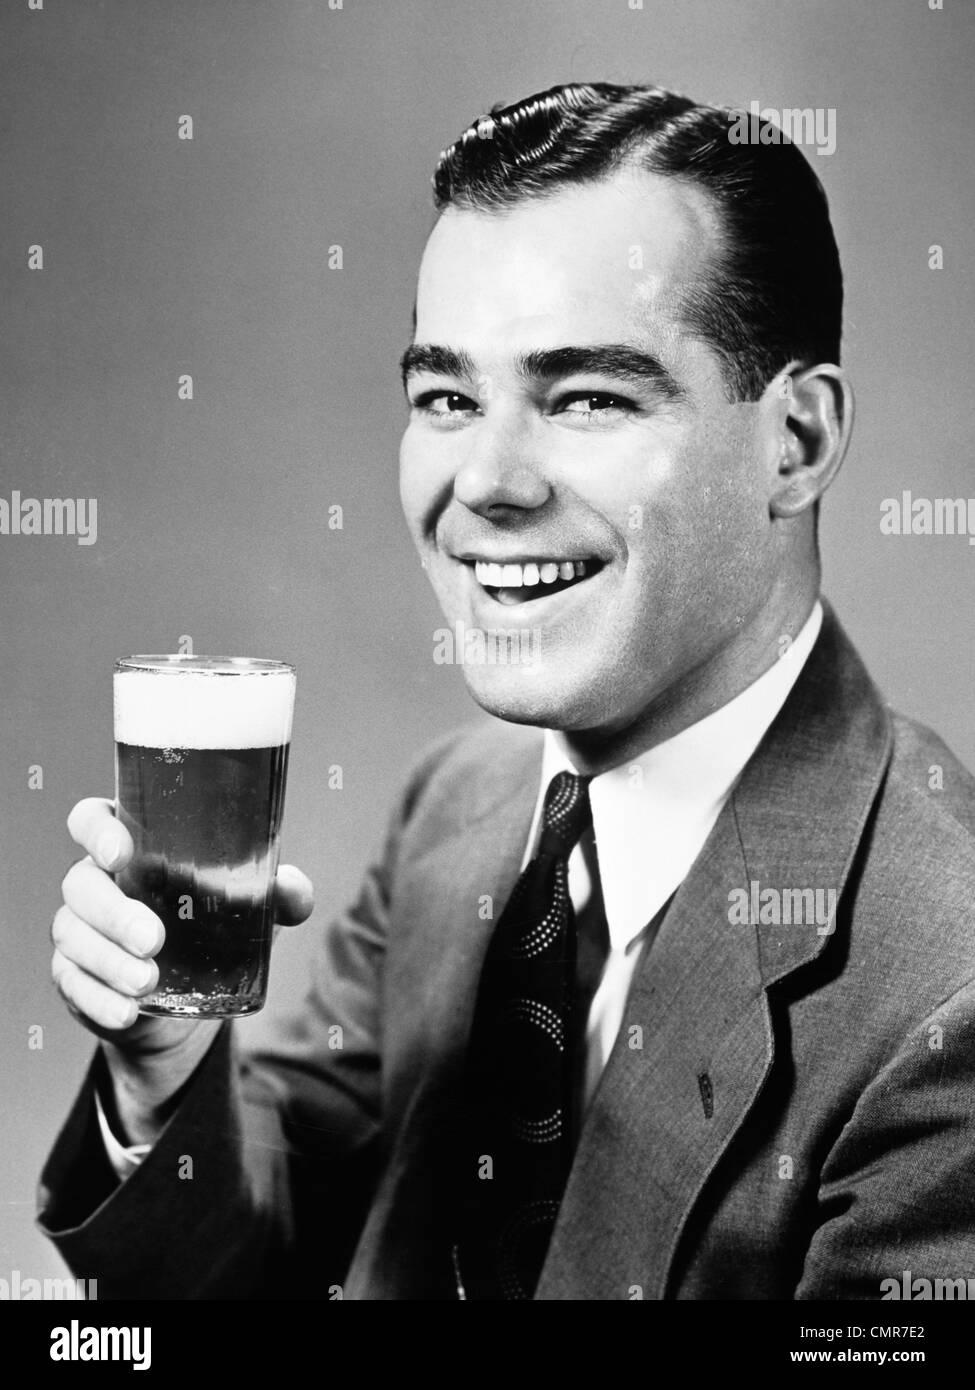 1940ER JAHREN LÄCHELND MANN HOLDING GLAS BIER Stockbild